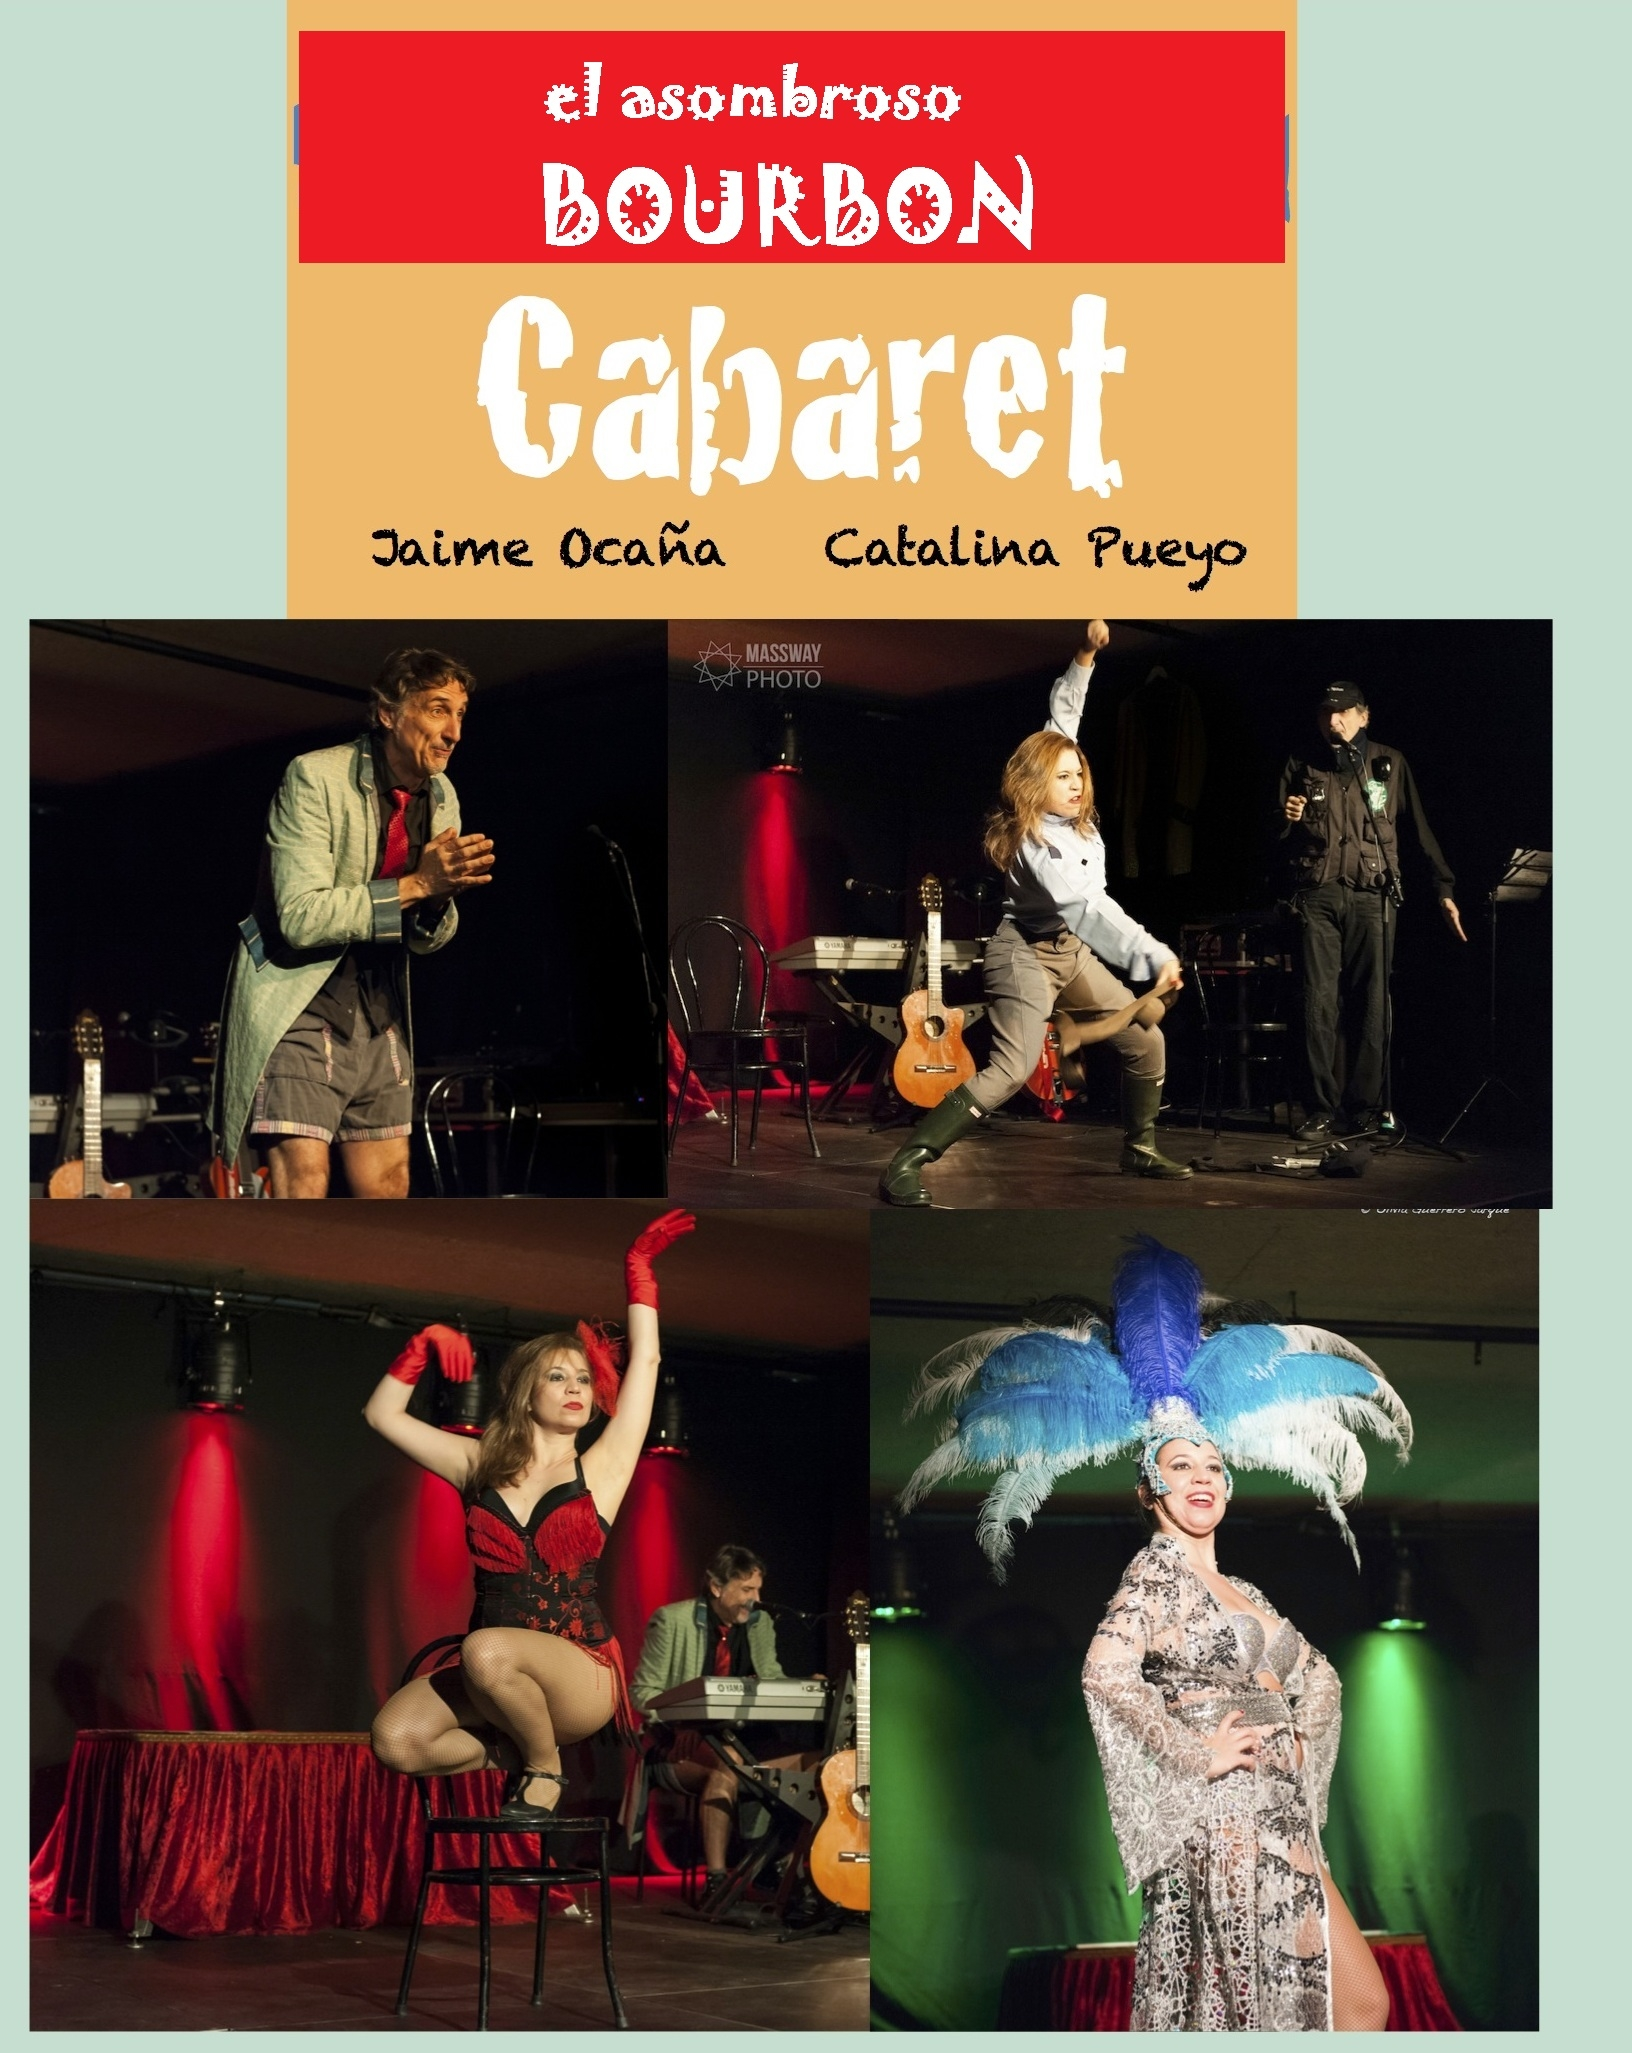 """""""El asombroso bourbon cabaret"""" Jaime Ocaña y Catalina Pueyo"""